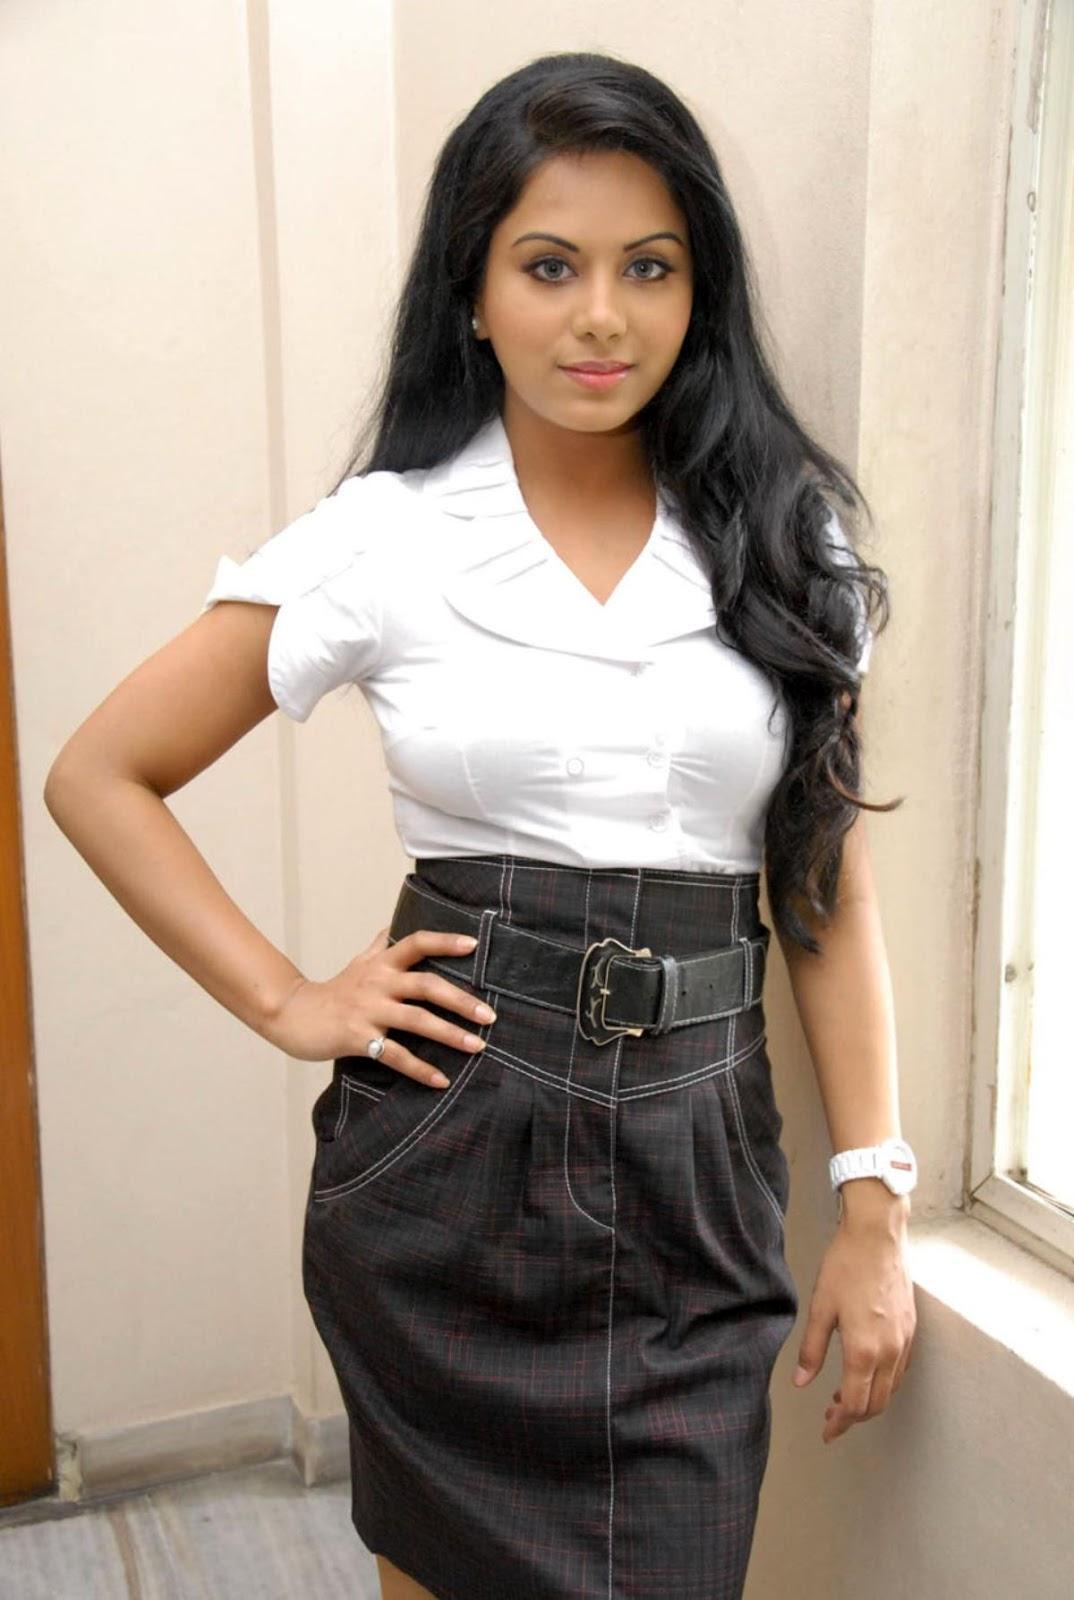 ரக்ஷனா மௌரியா | RACHANA MOURYA Rachan17